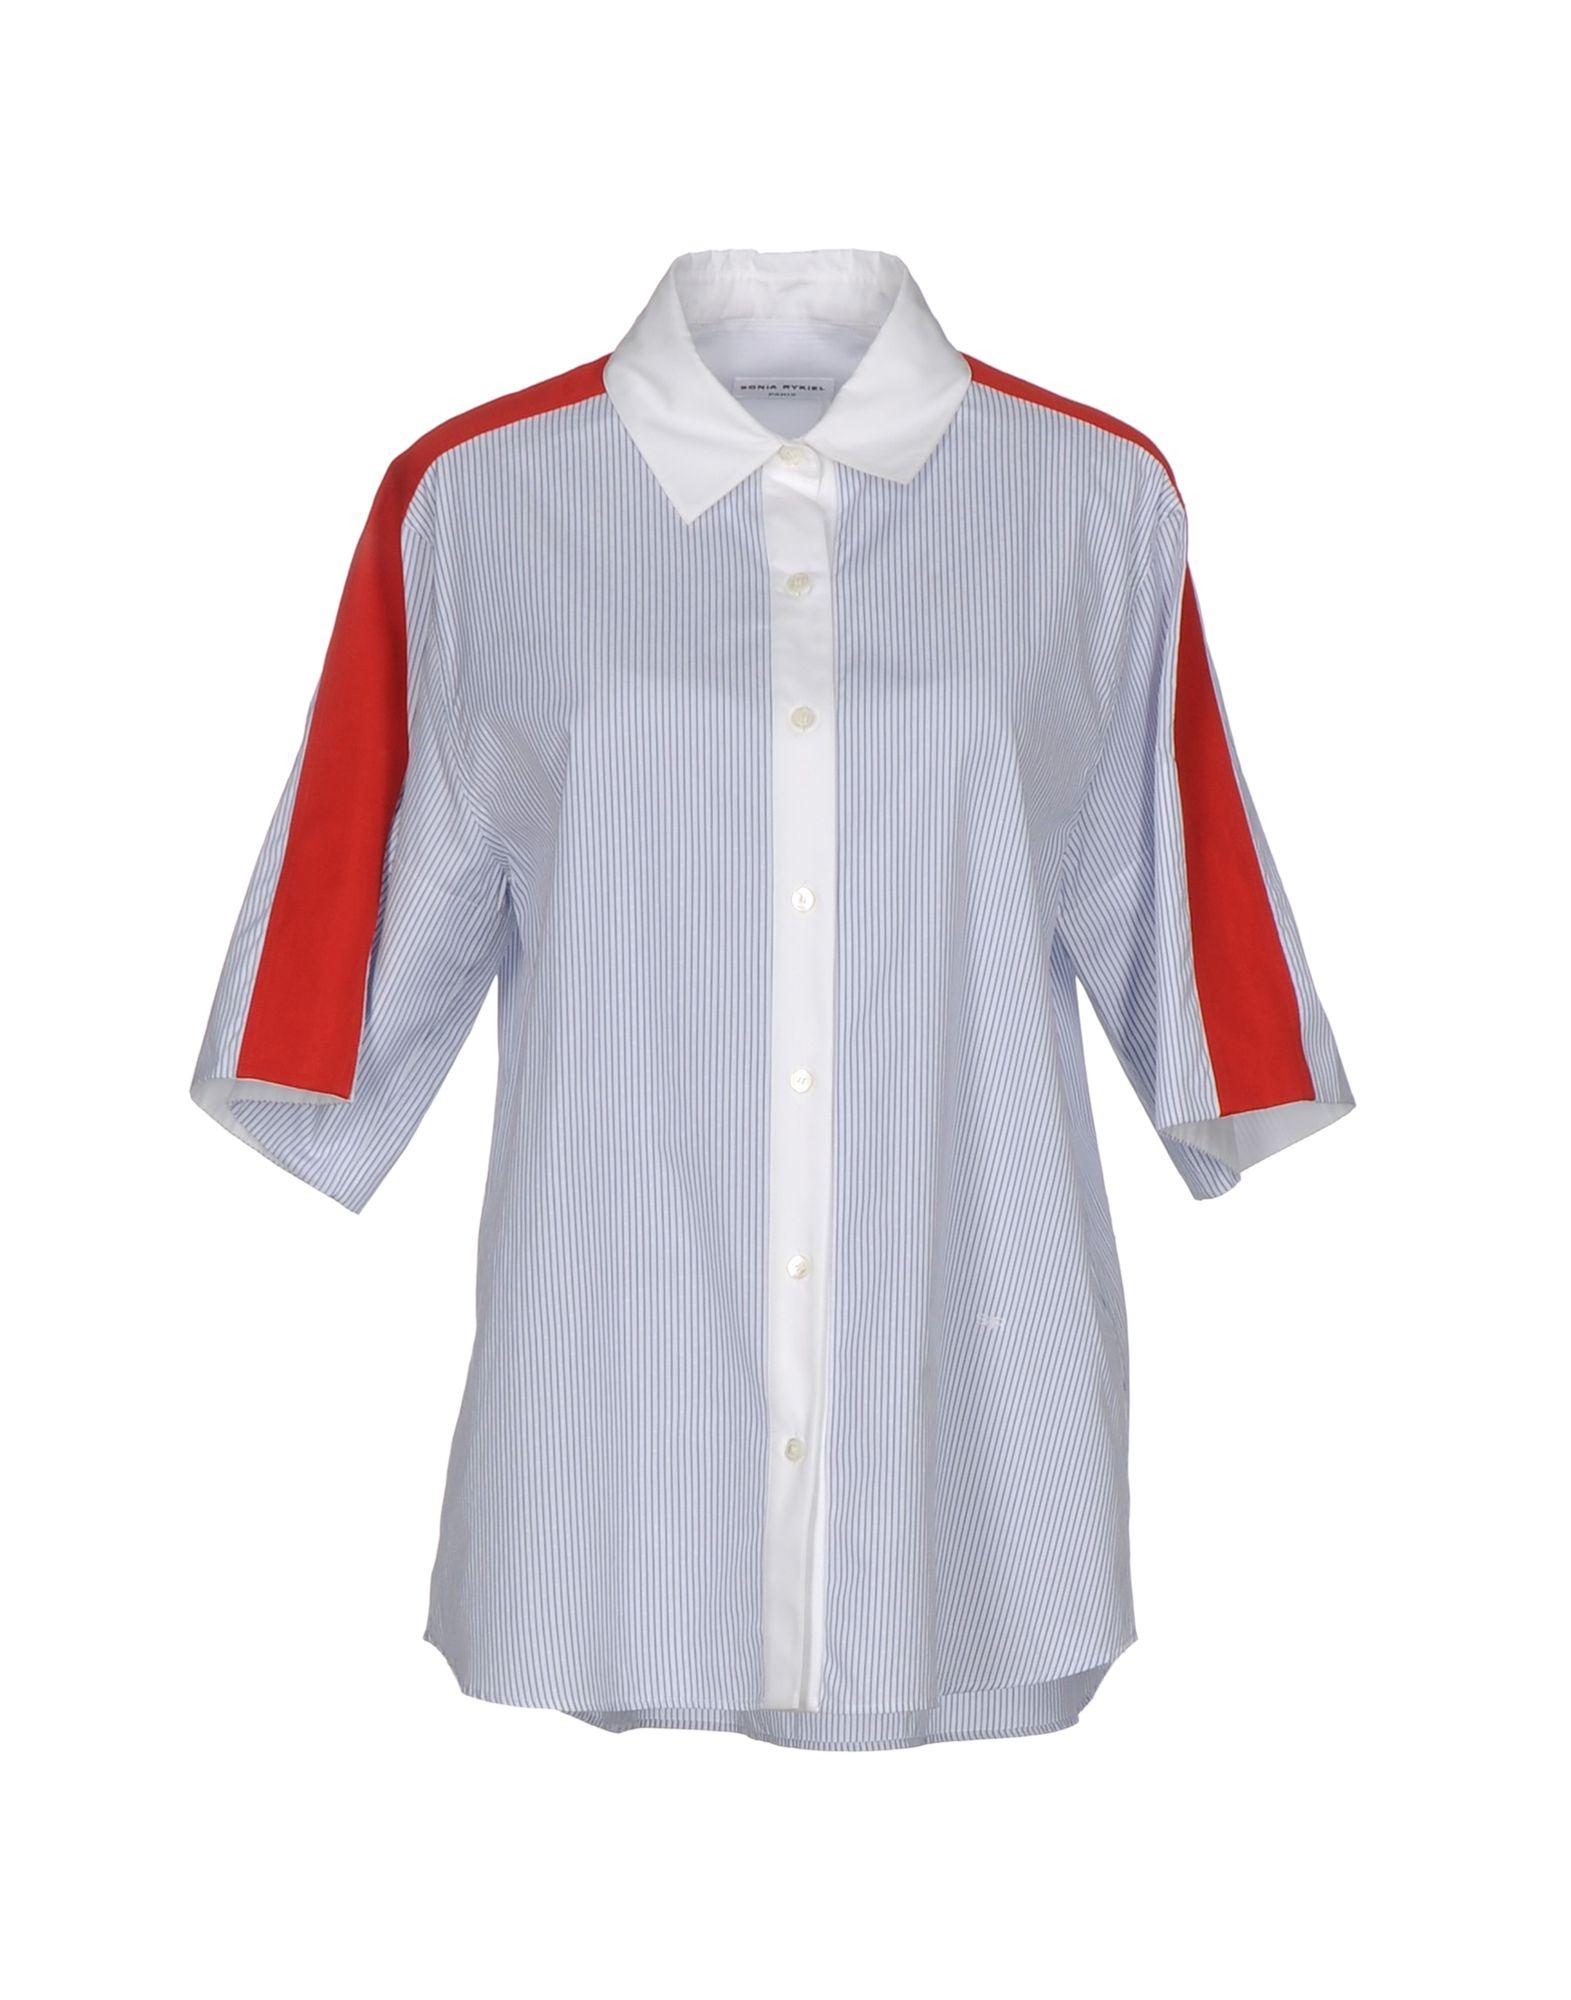 レディース SONIA RYKIEL シャツ ホワイト